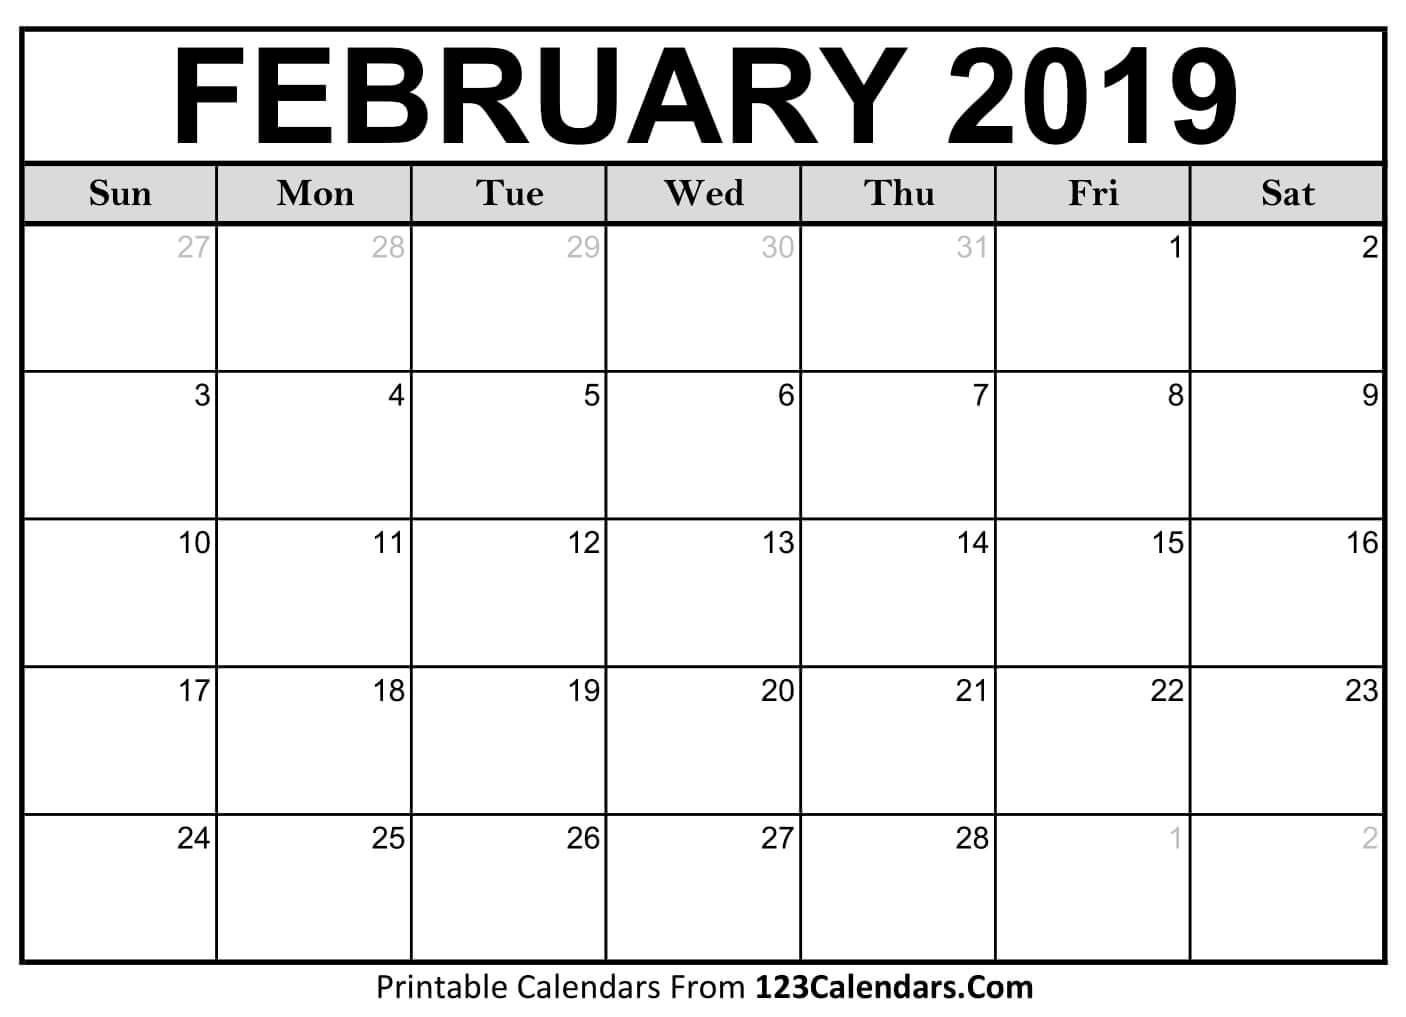 February 2019 Calendar Image